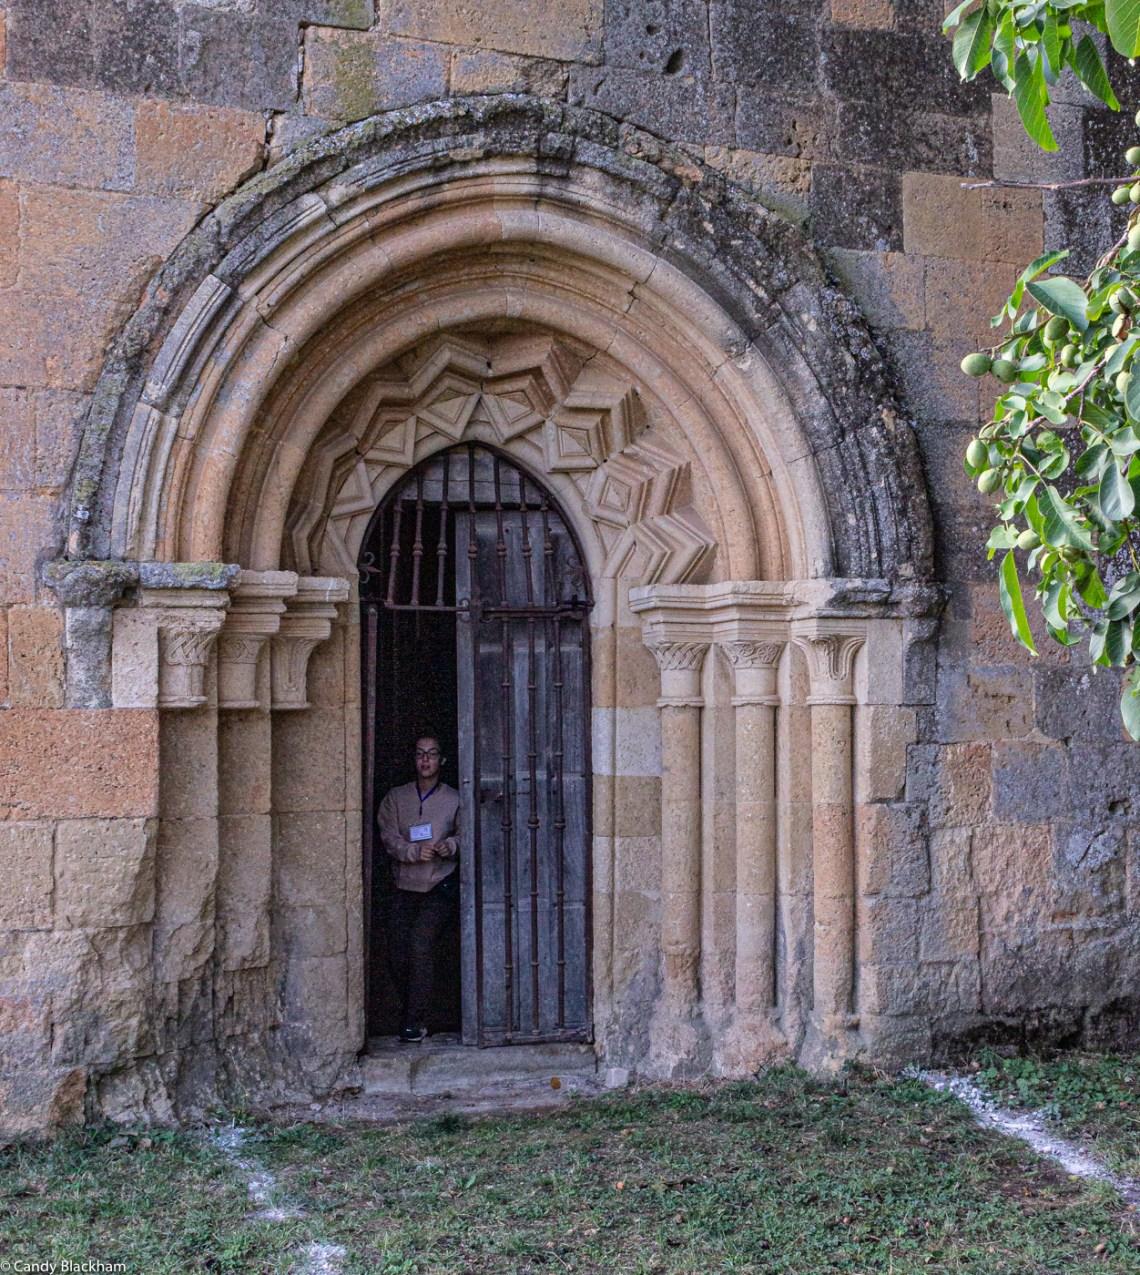 The original Romanesque North door of Santa Maria de Sandoval